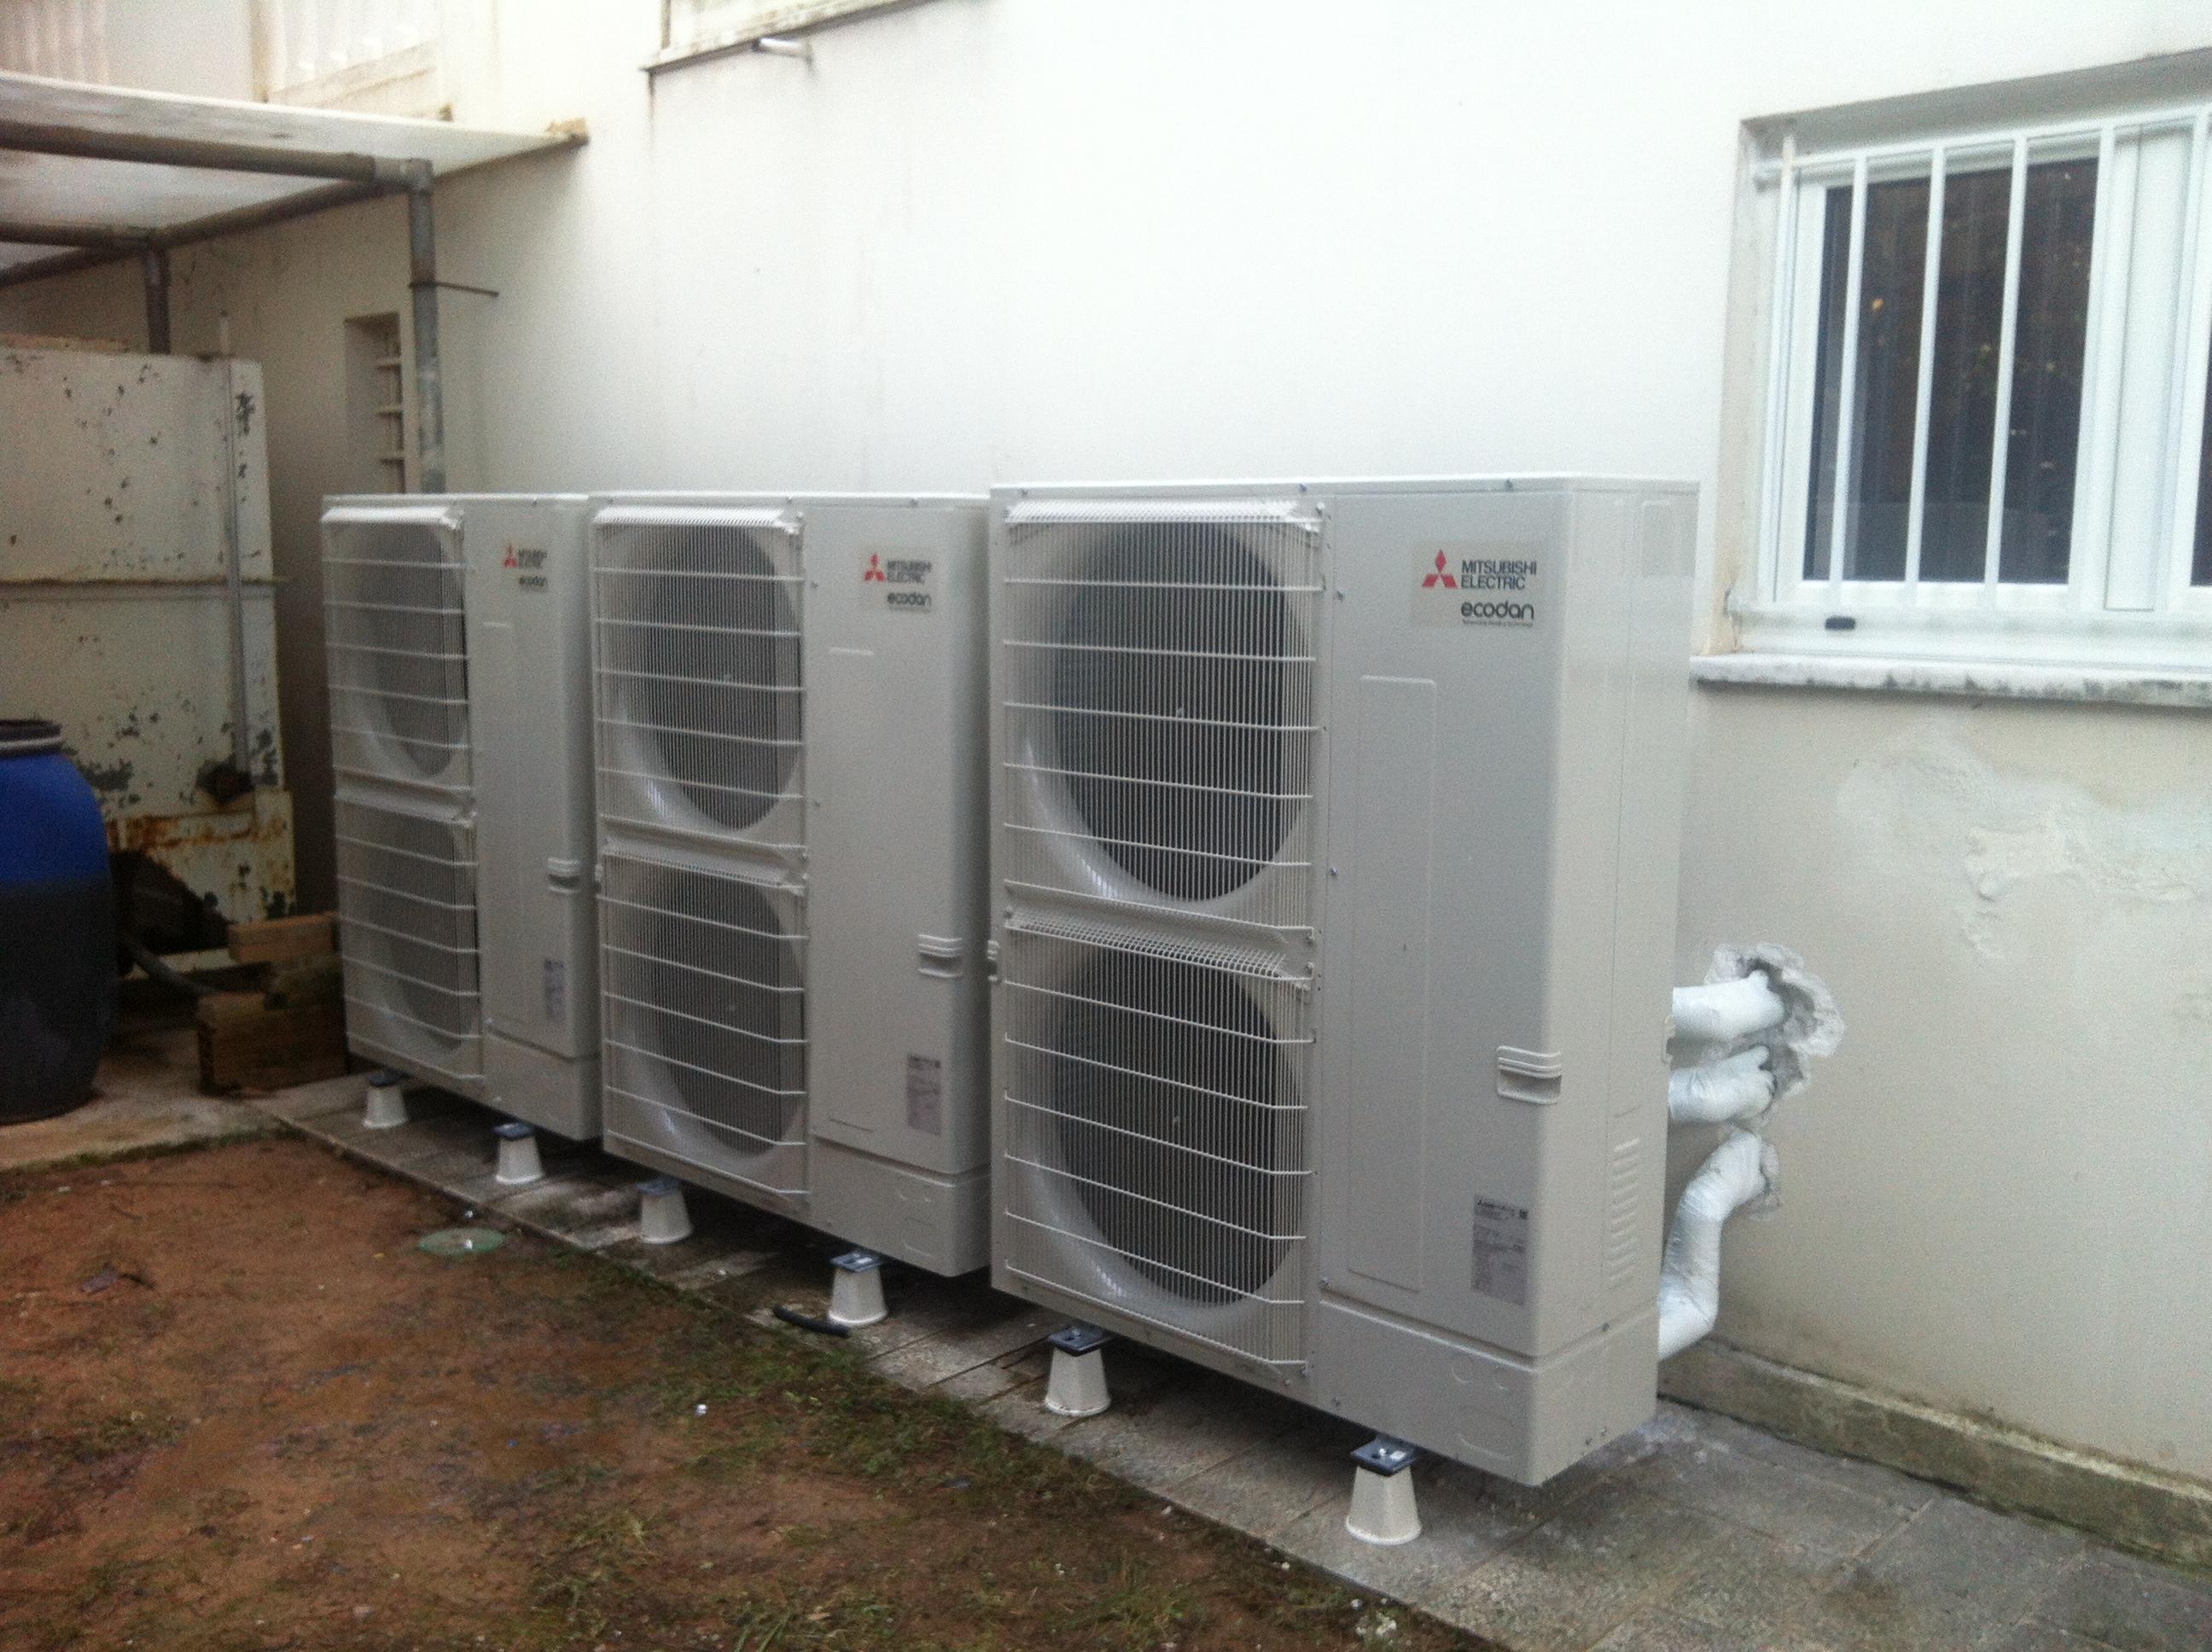 Τρείς Αντλίες Θερμότητος των  25 kW η κάθε μια σε κατοικία 700μ2 στην Εκάλη έτοιμες προς λειτυργία-2